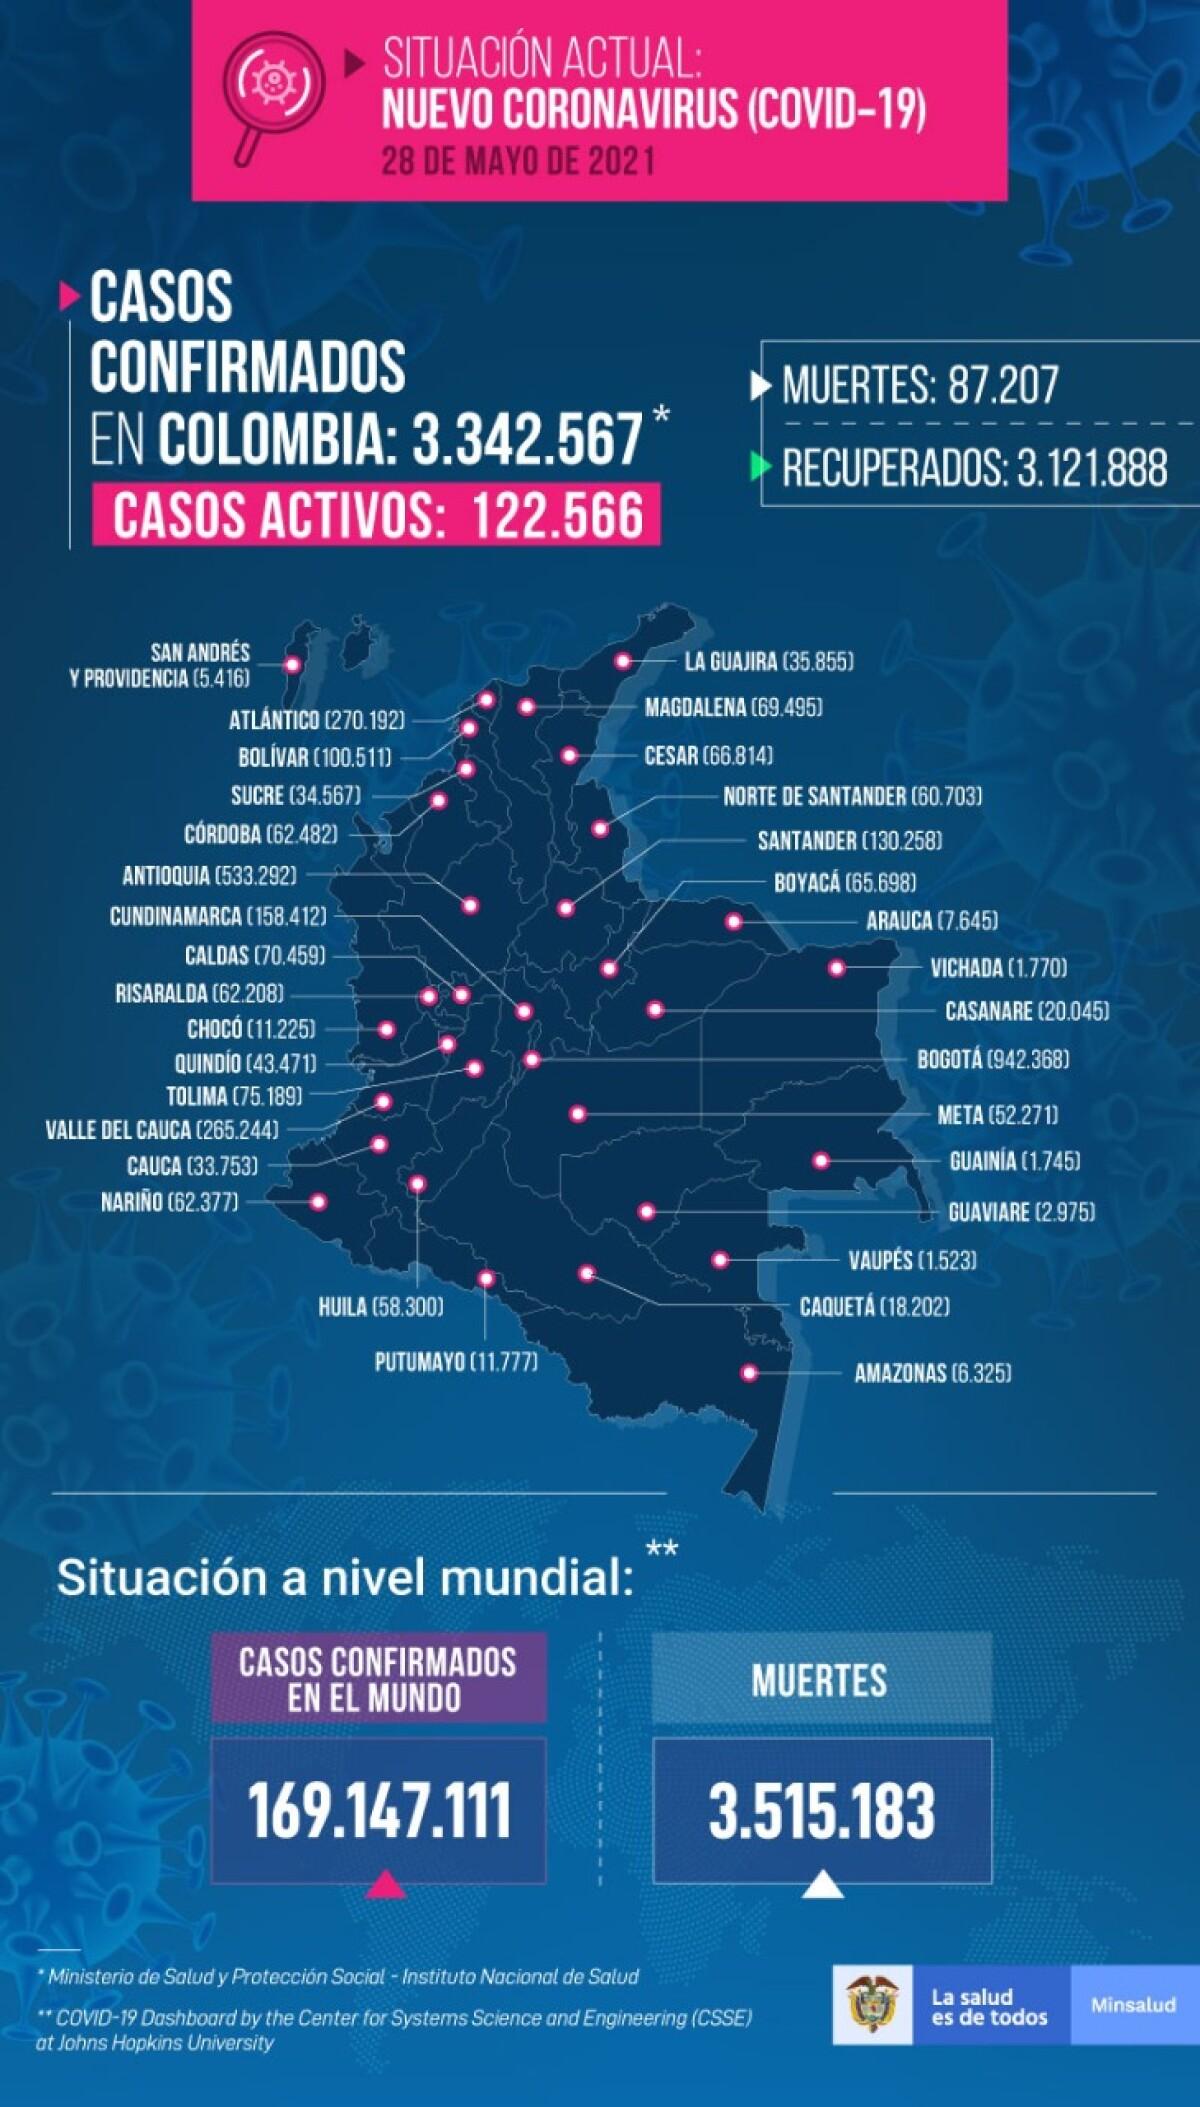 Mapa confirmado de COVID-19 en Colombia 28 de mayo de 2021.jpeg